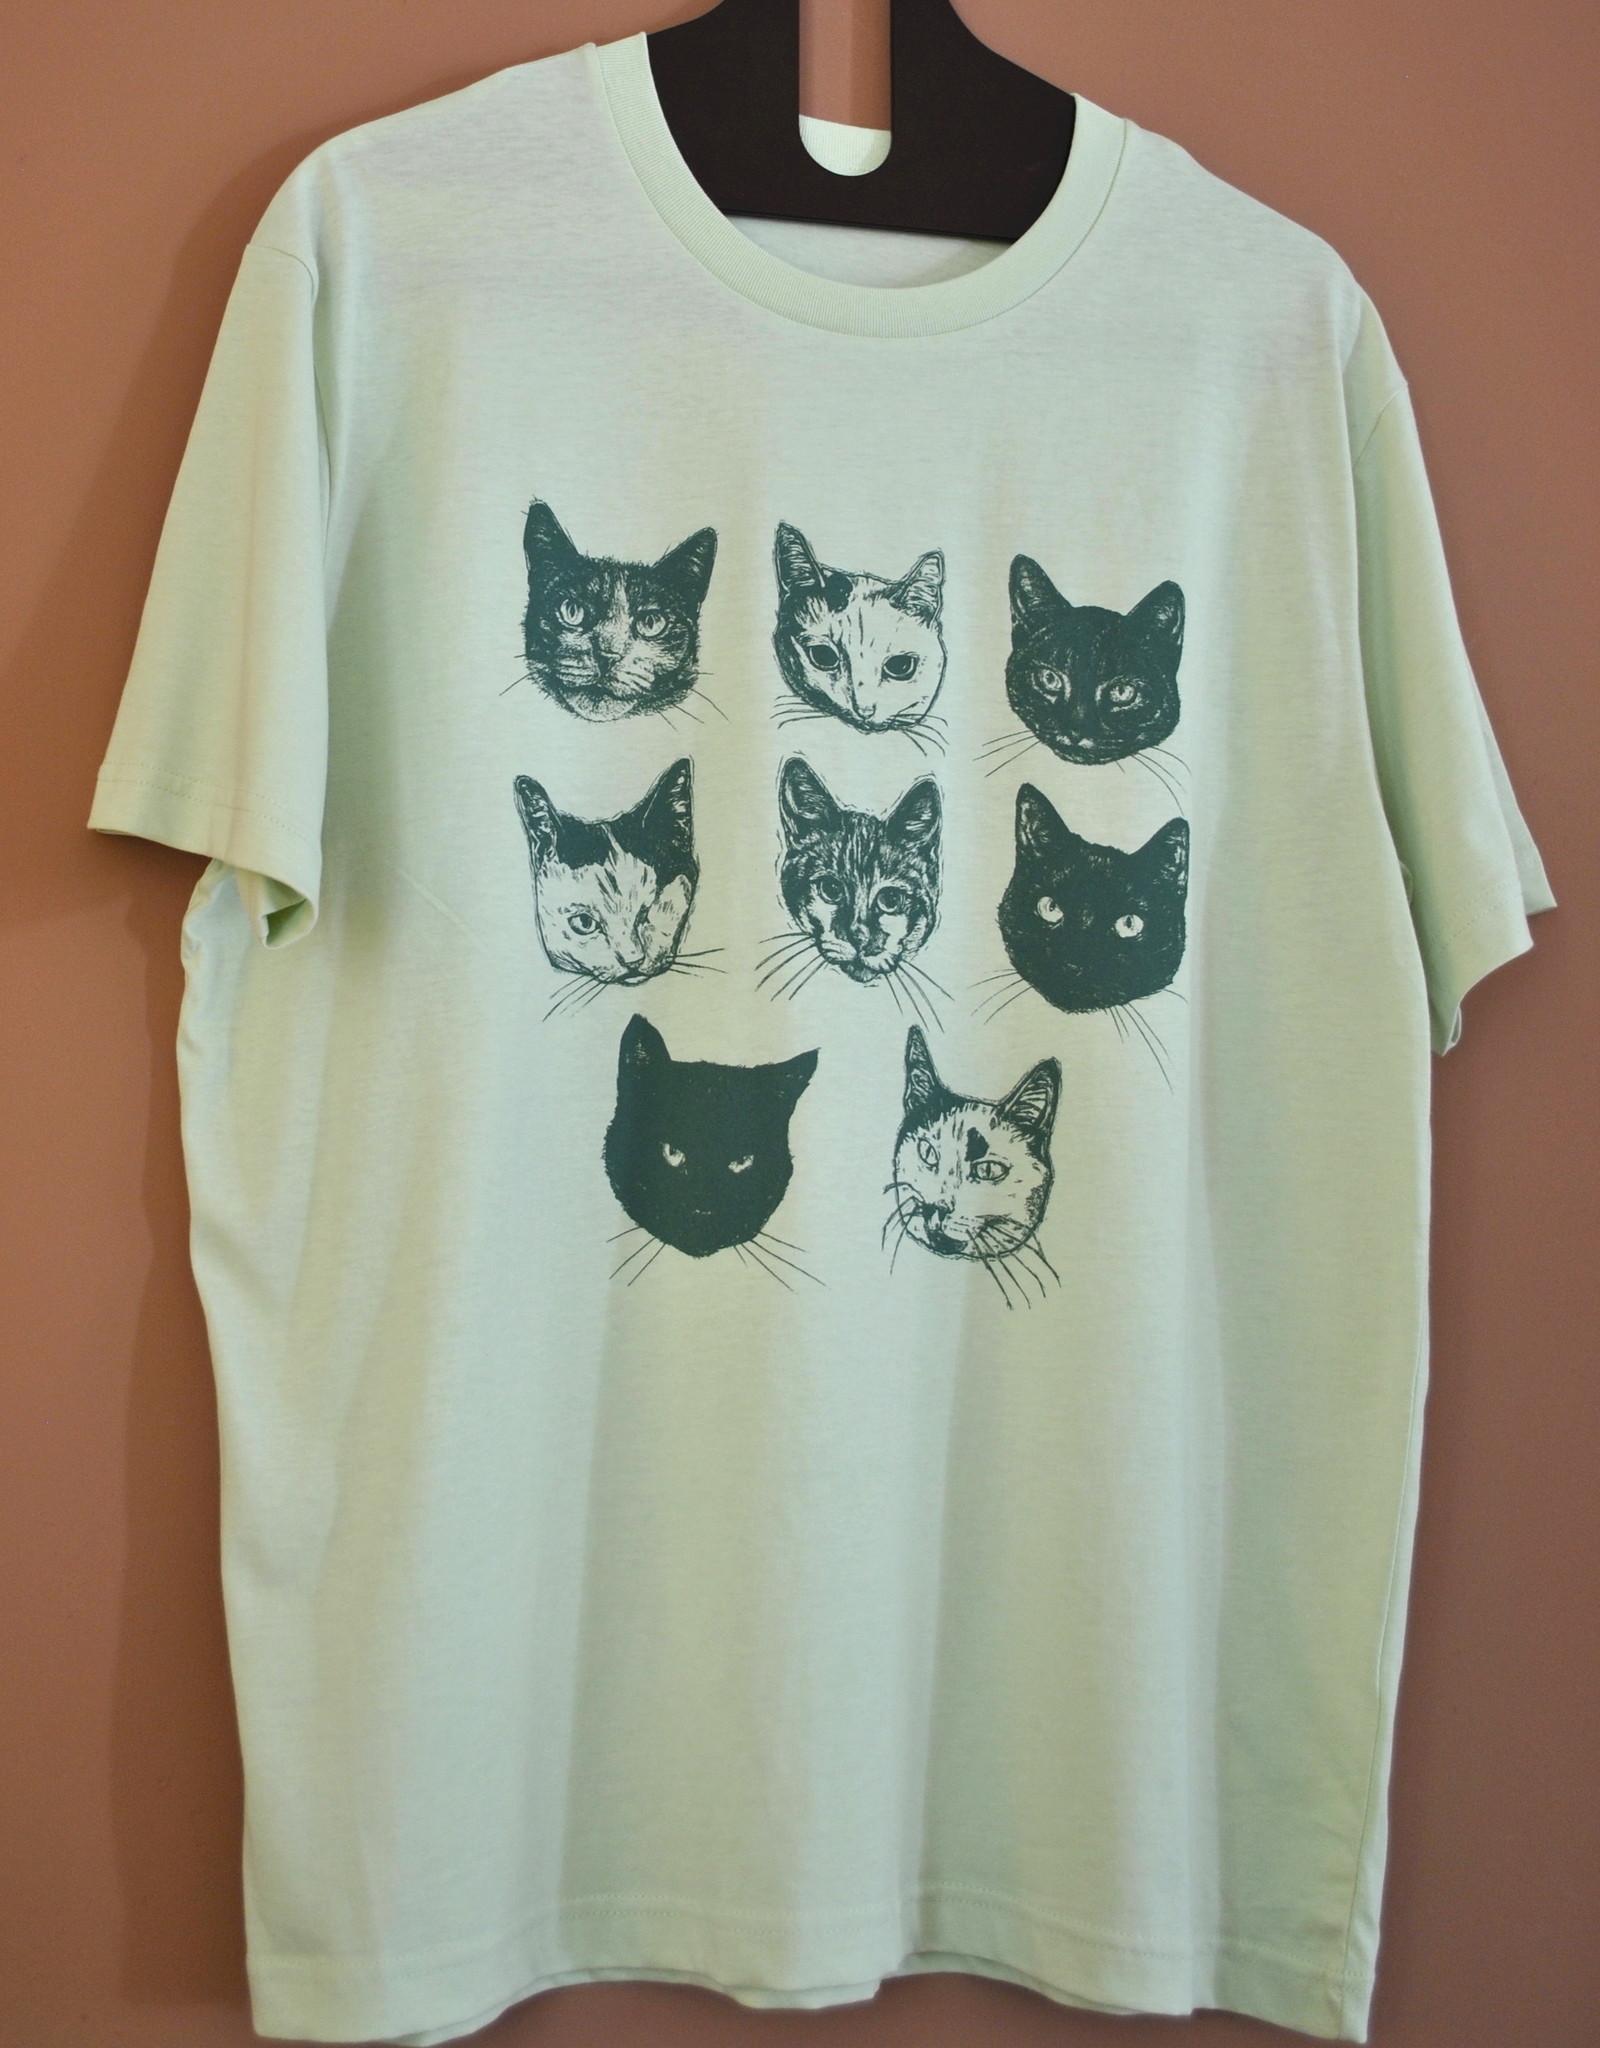 Kopjes Kopjes portretjes - T-shirt - Boxy- Green- M